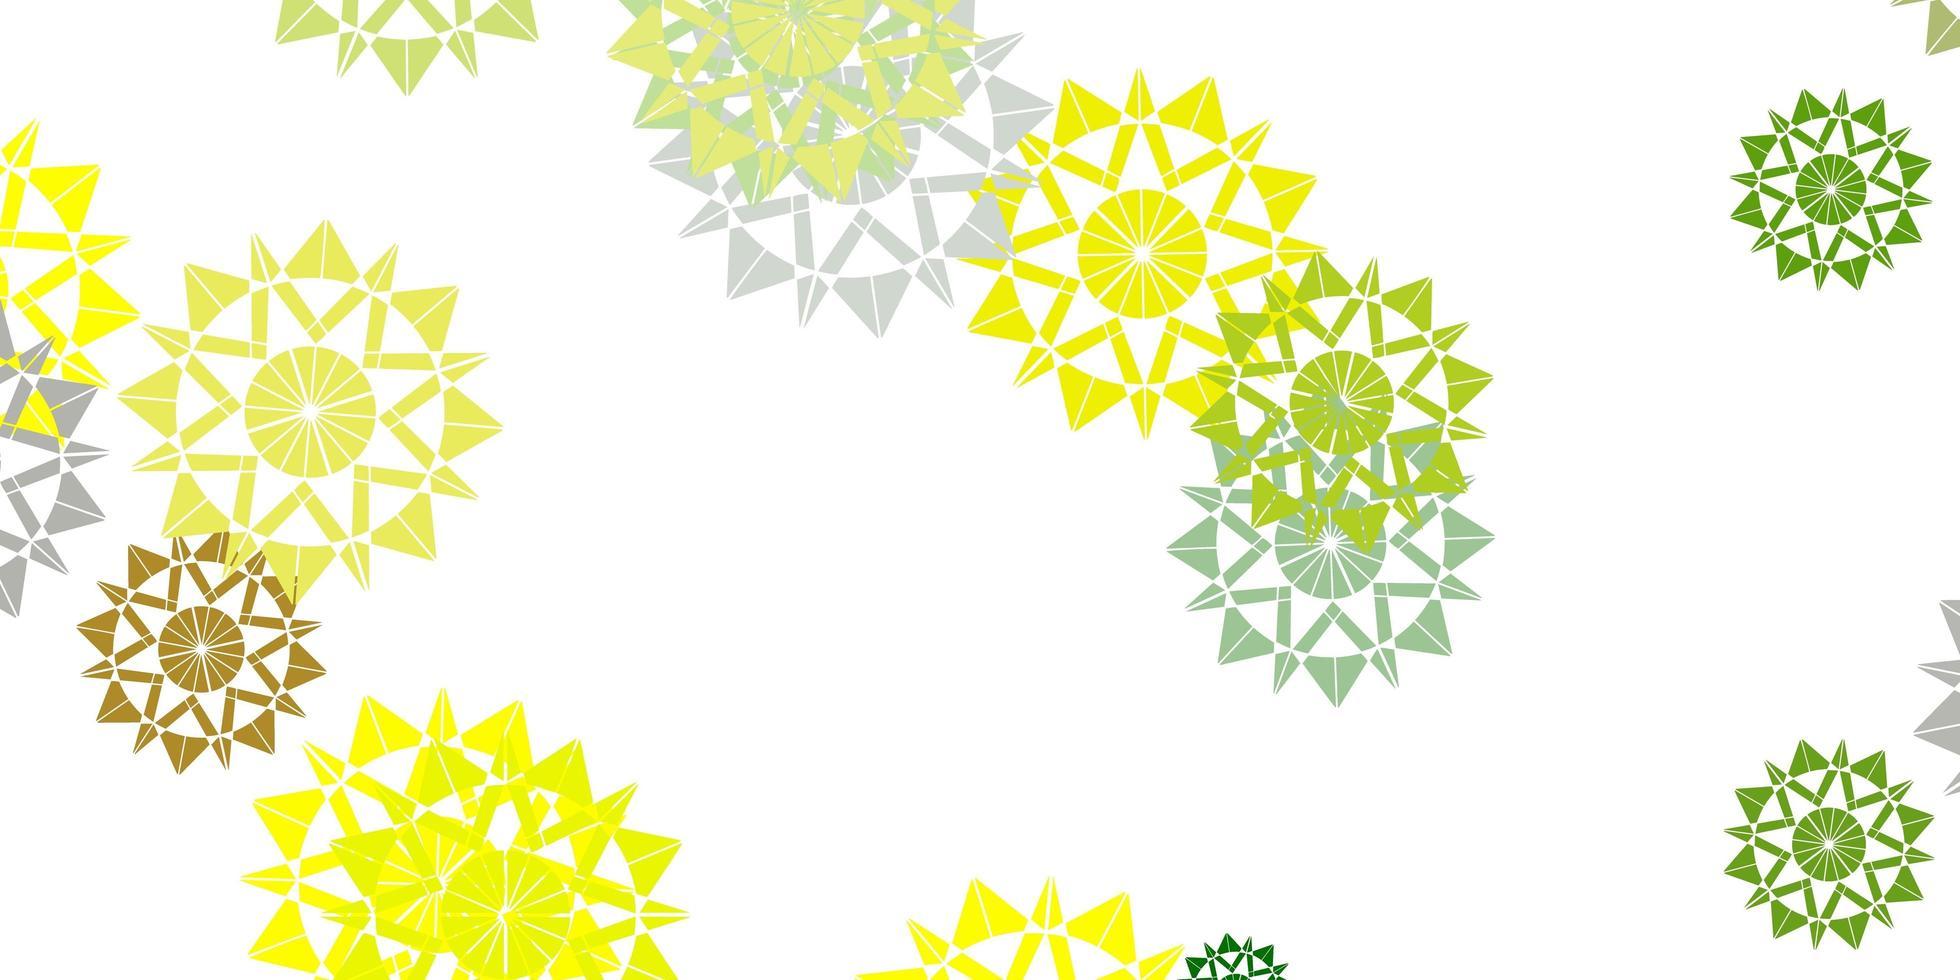 diseño de vector verde claro, amarillo con hermosos copos de nieve.